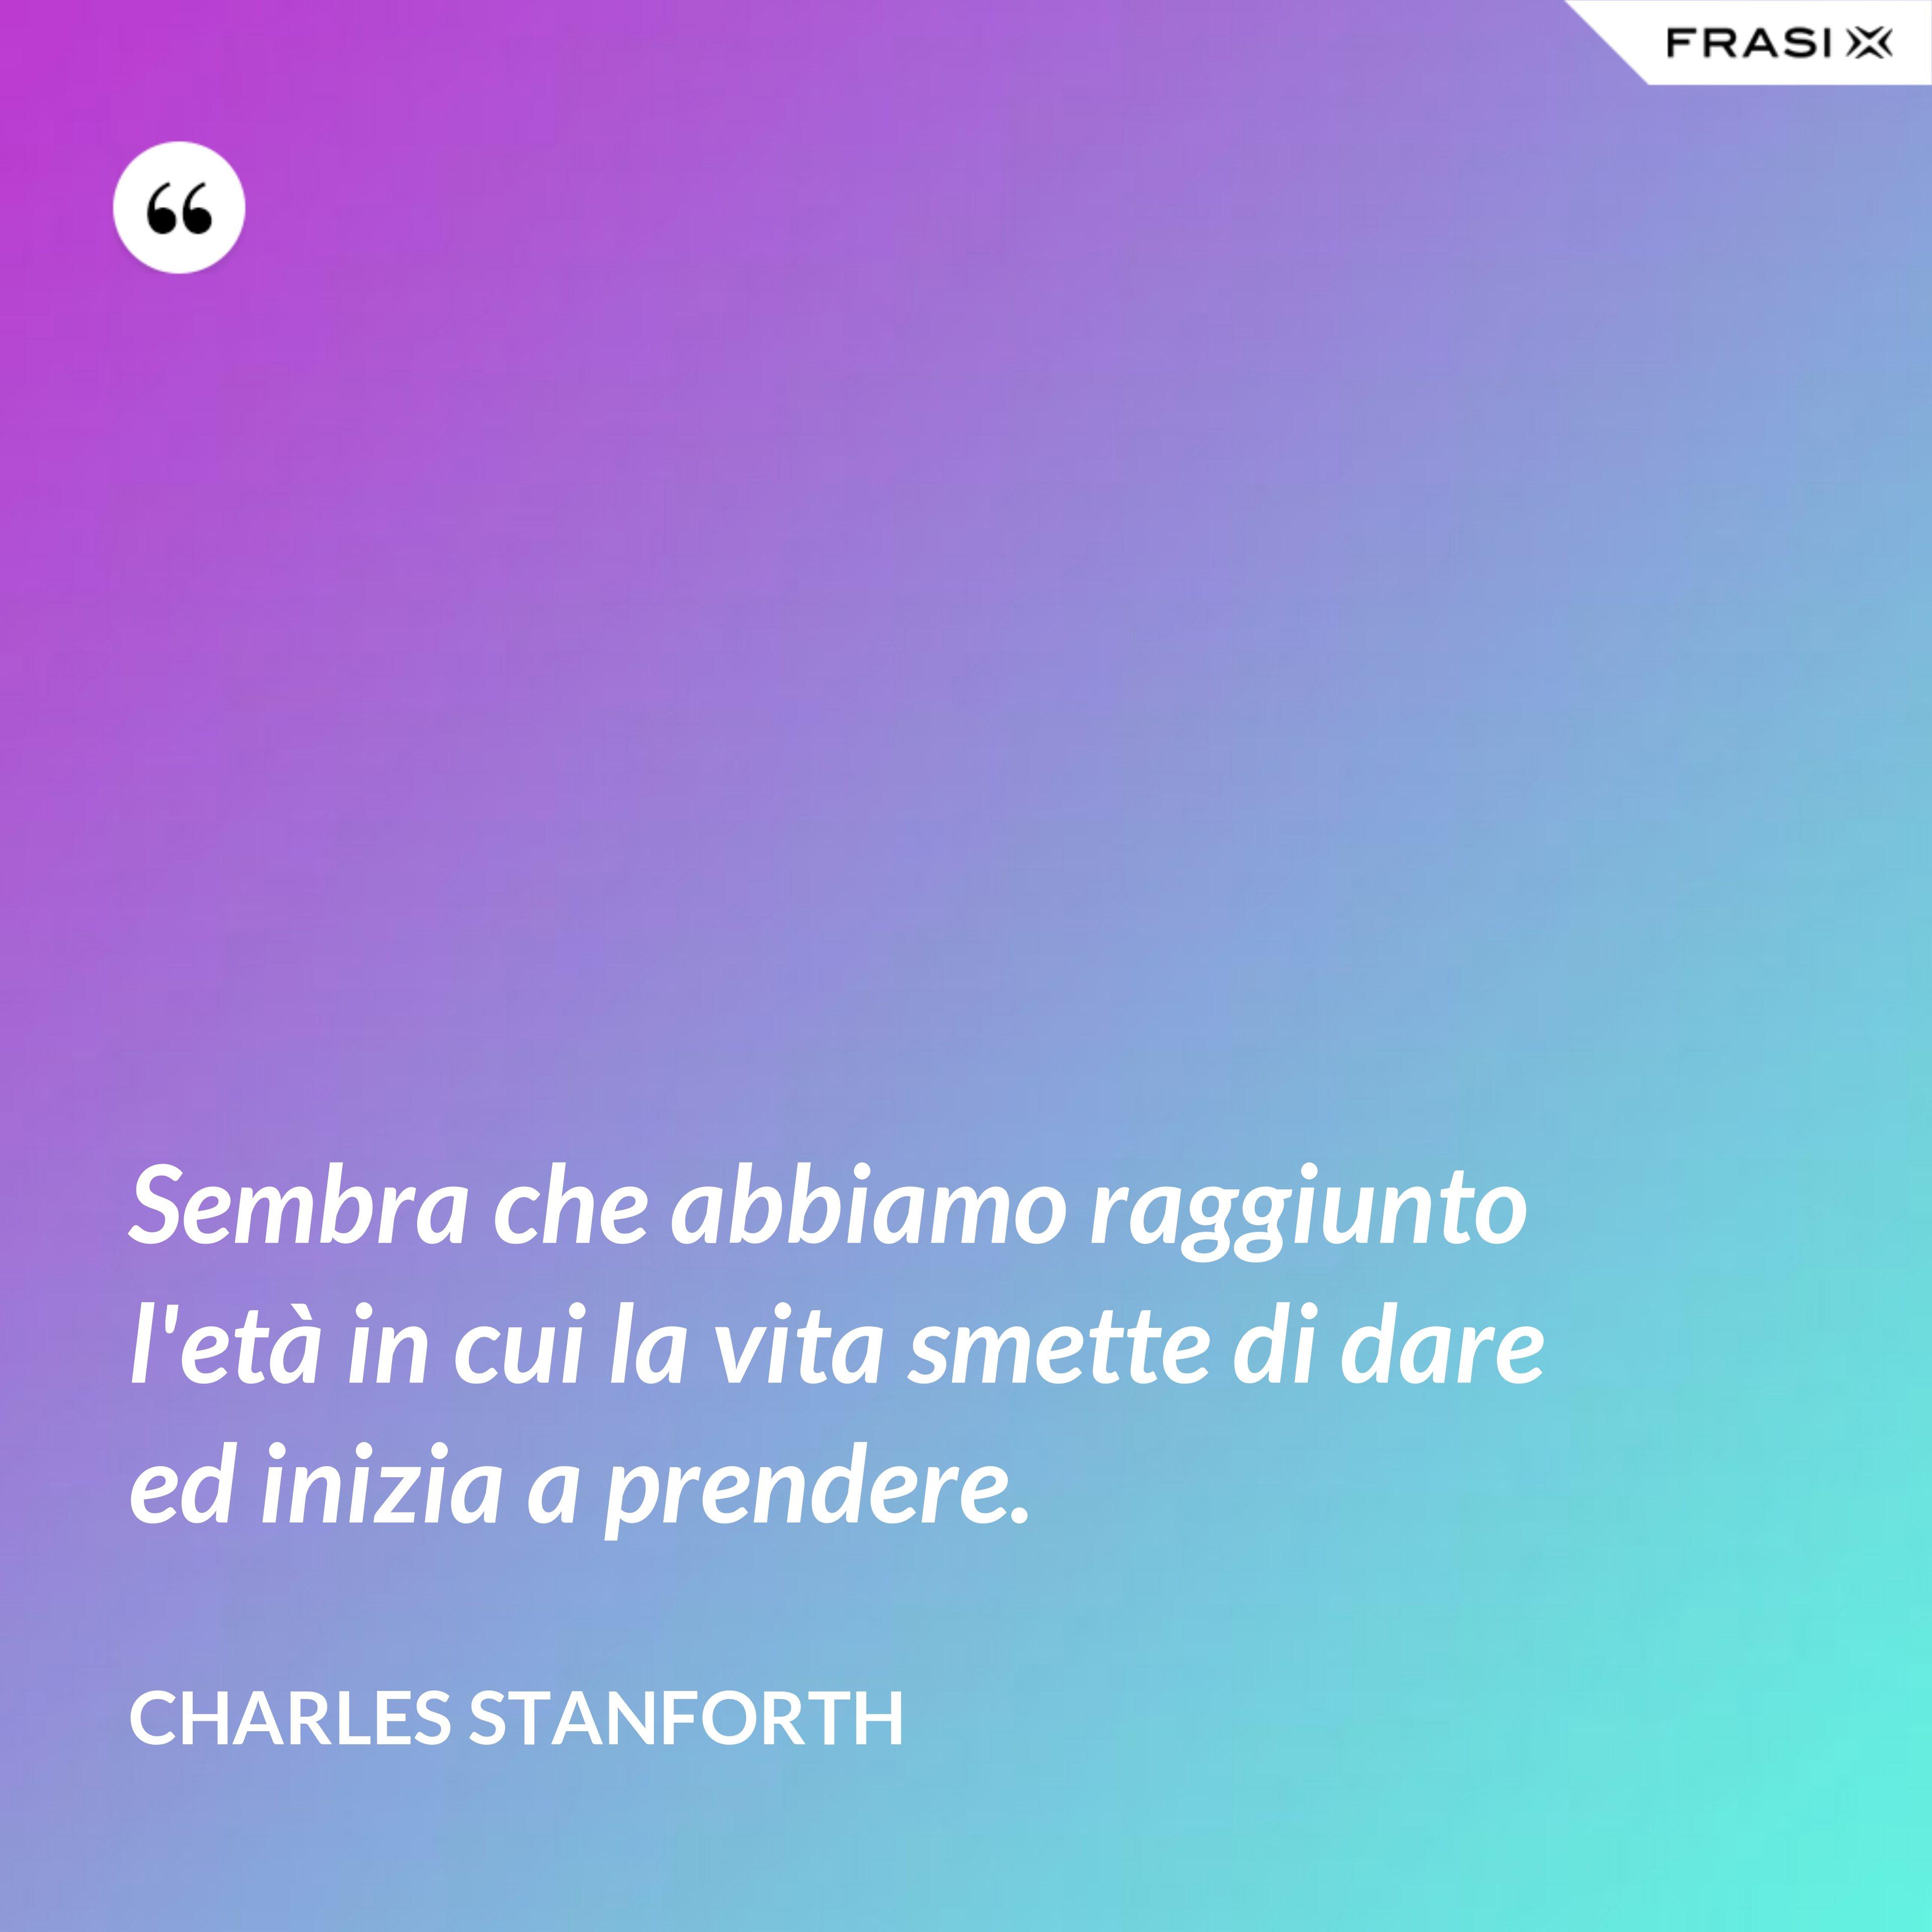 Sembra che abbiamo raggiunto l'età in cui la vita smette di dare ed inizia a prendere. - Charles Stanforth